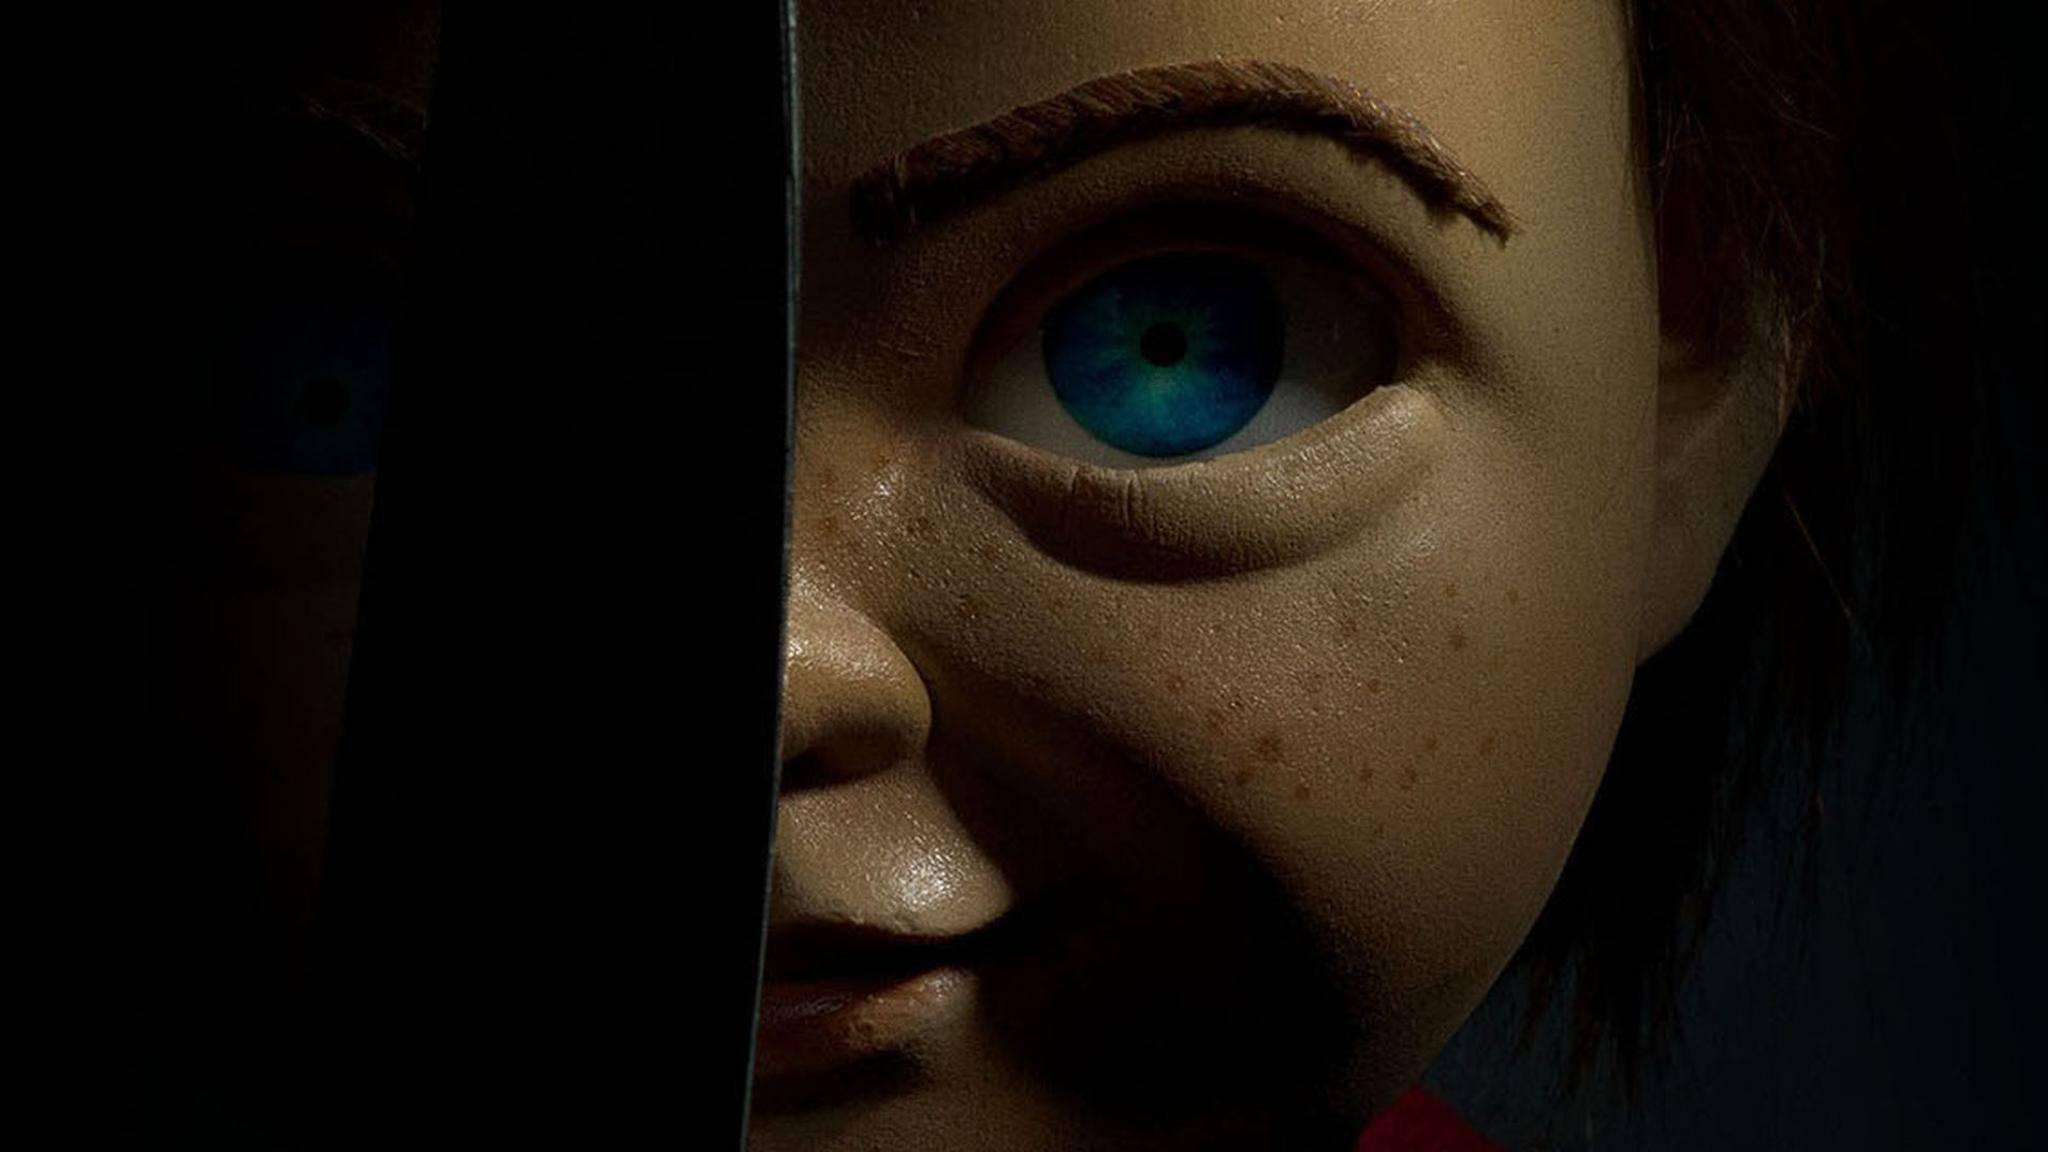 Komm, spiel mit mir! Mörderpuppe Chucky ist auch 2019 sehr anhänglich.